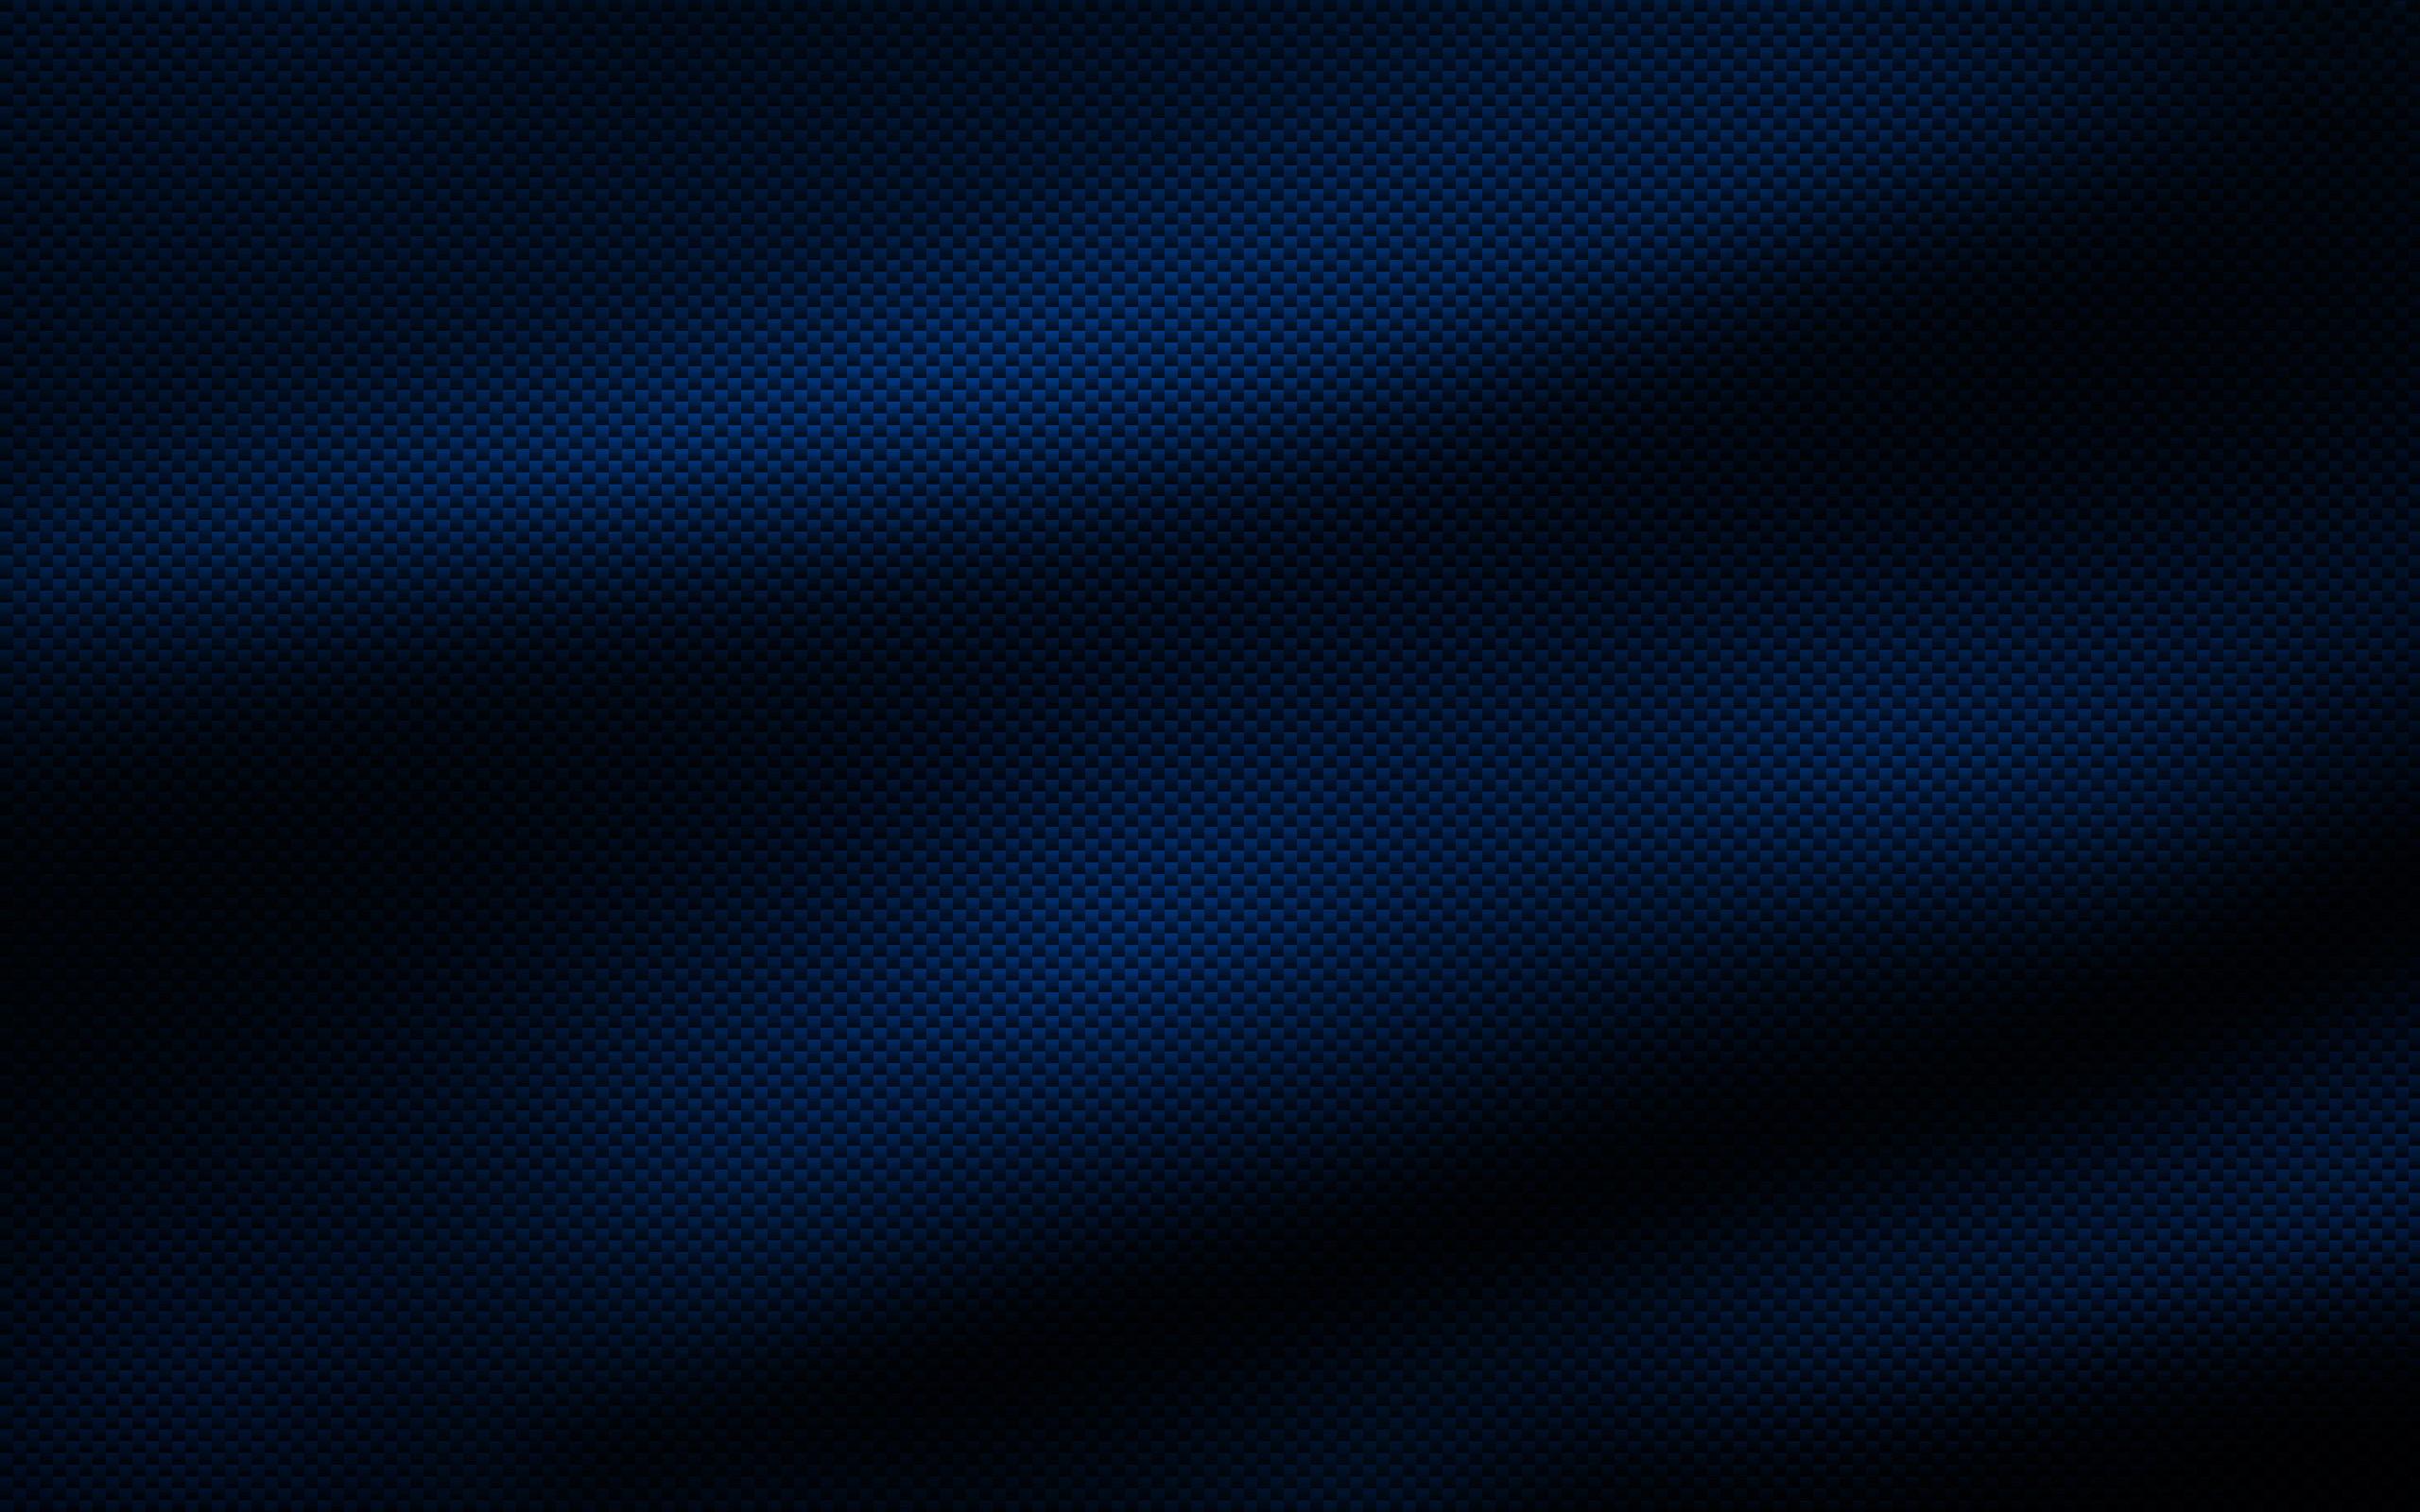 Blue-carbon-fiber-wallpaper-HD-free-download